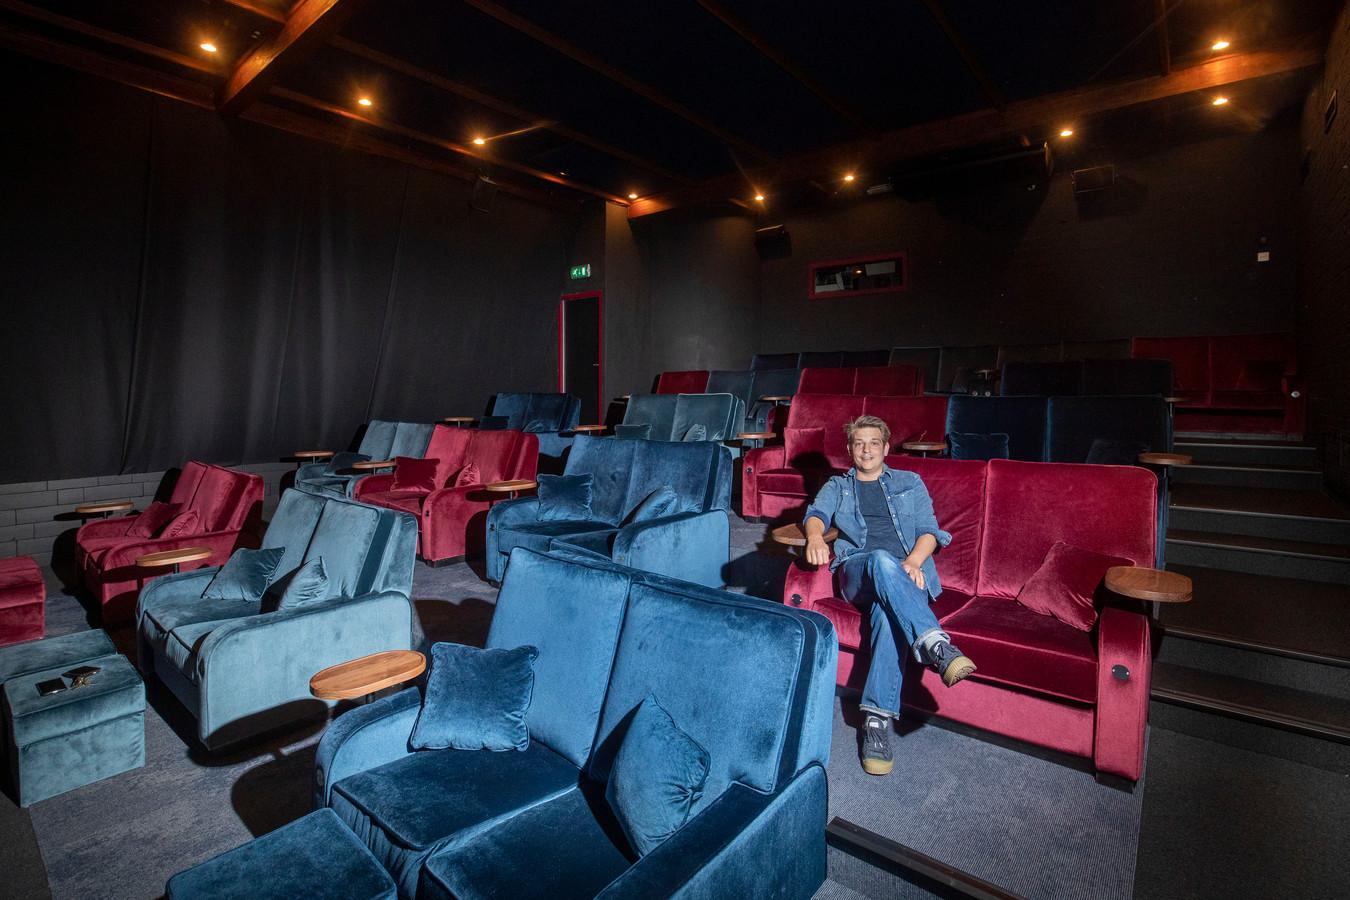 Tom de Bont van bioscoop Heerenstraat Theater heeft maatregelen genomen om te voldoen aan de nieuwe corona-eisen.